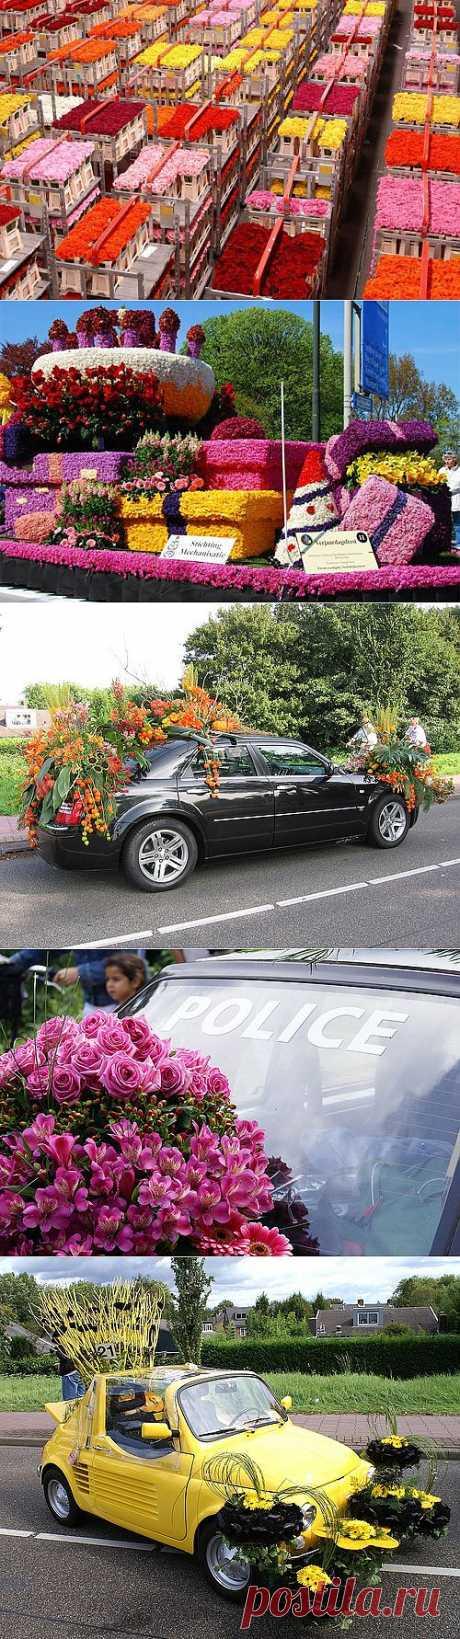 Парад цветов в Аалсмеере (Голландия) - Туристический Клуб